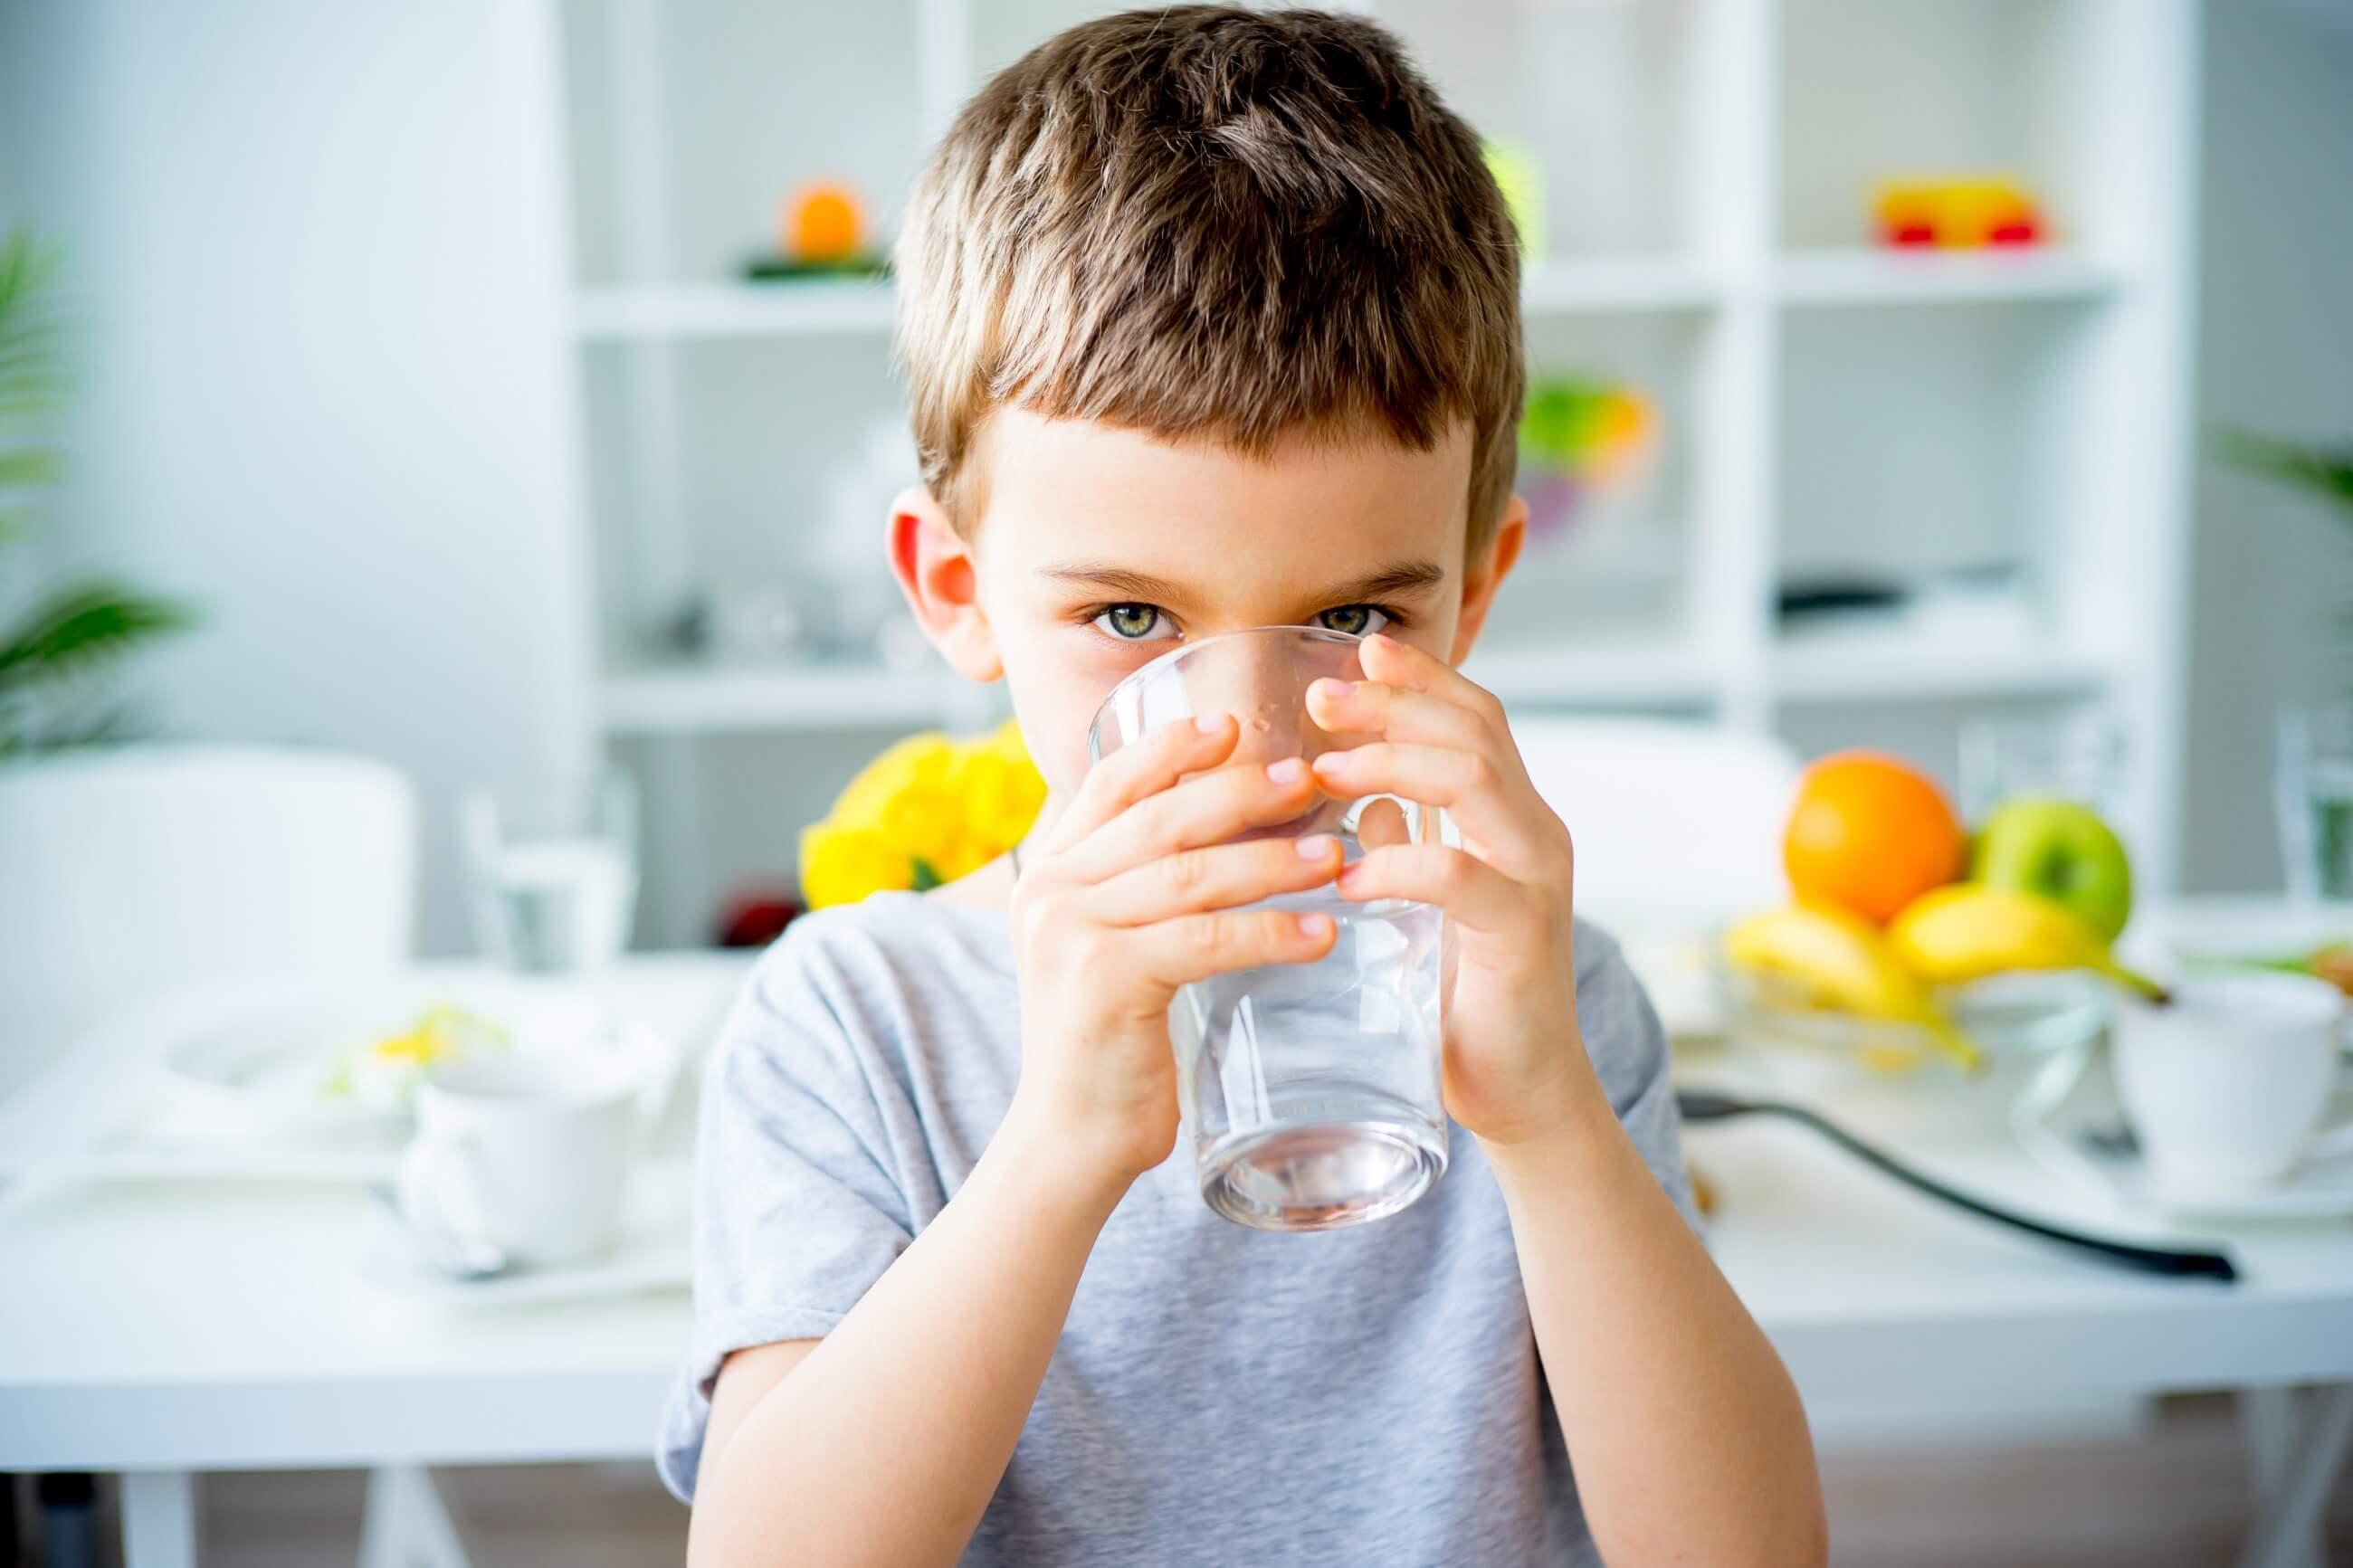 Uzupełnianie płynów przy odwodnieniu dziecka